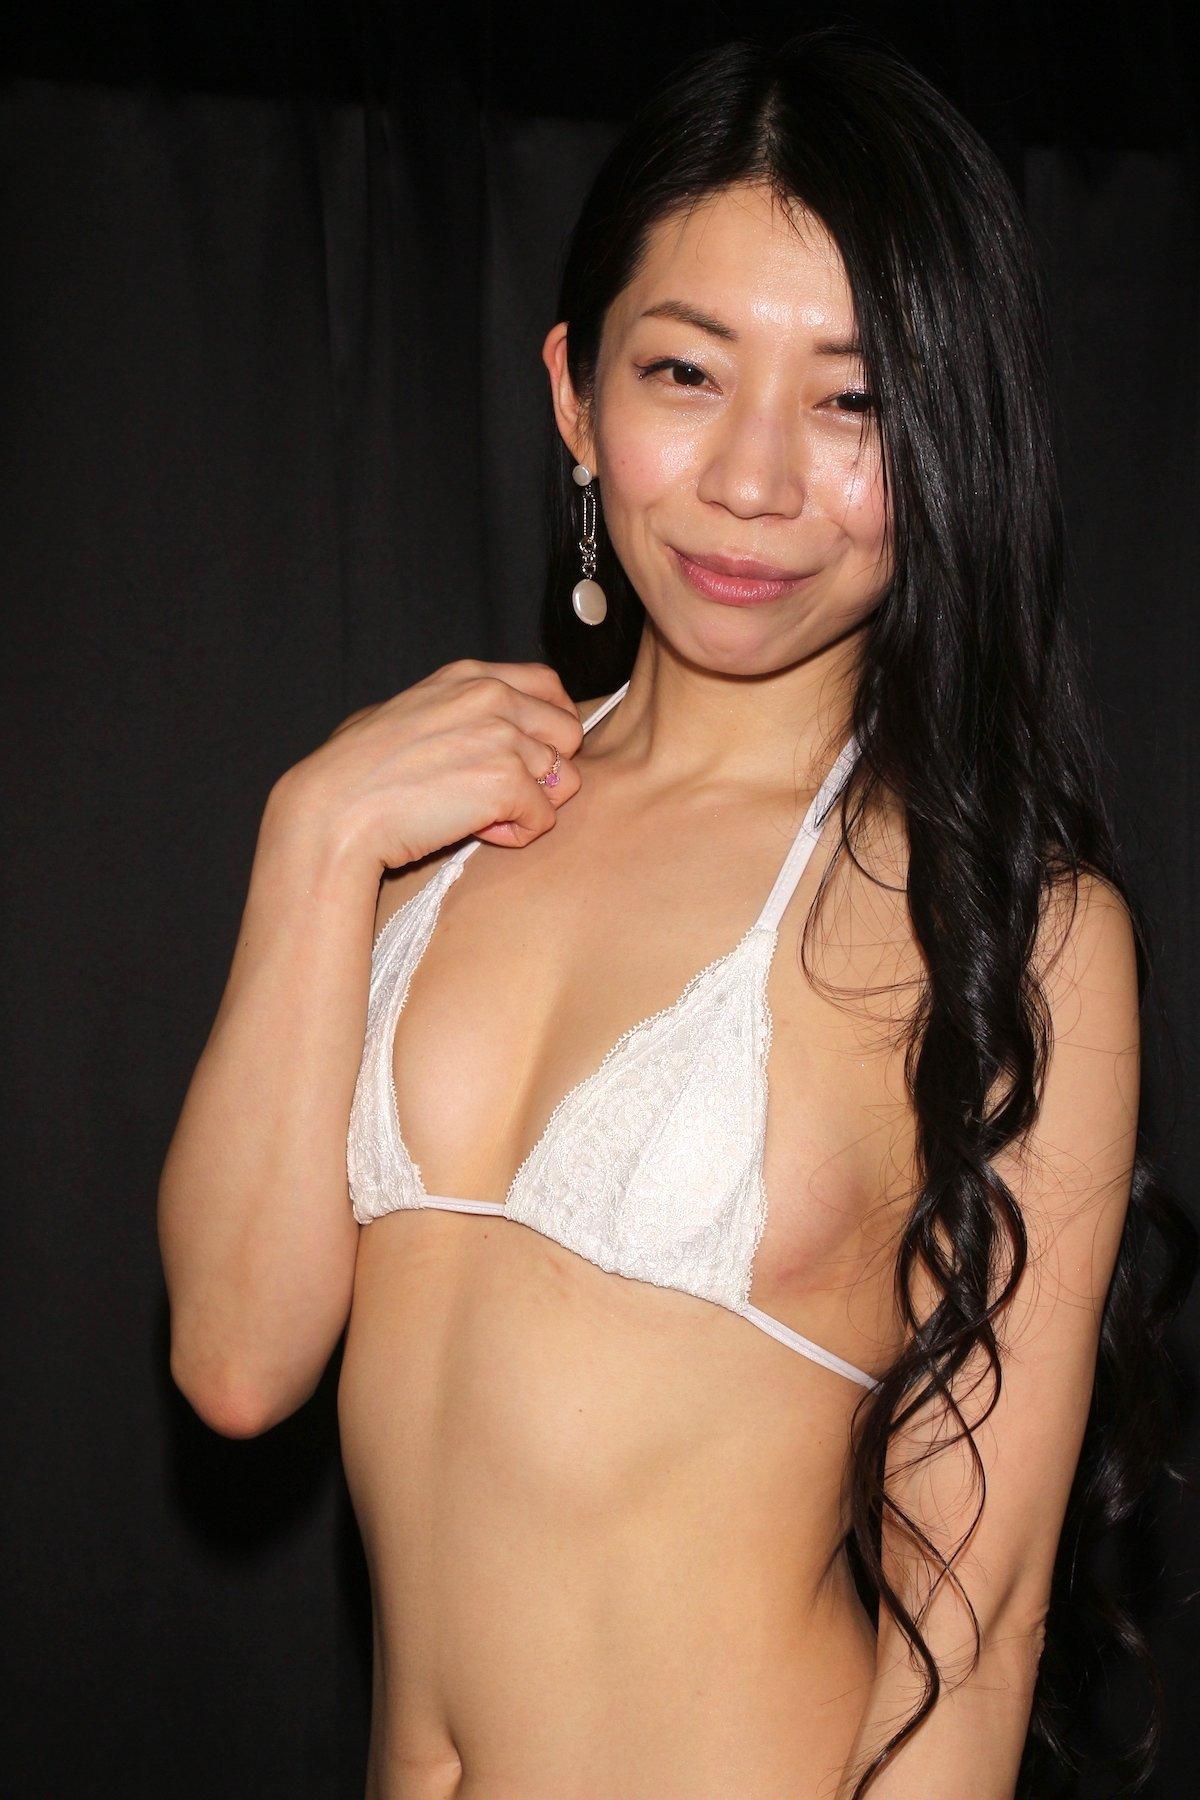 岩崎真奈「ベンチの縁にこすったり」私史上最高にセクシー【画像50枚】の画像026